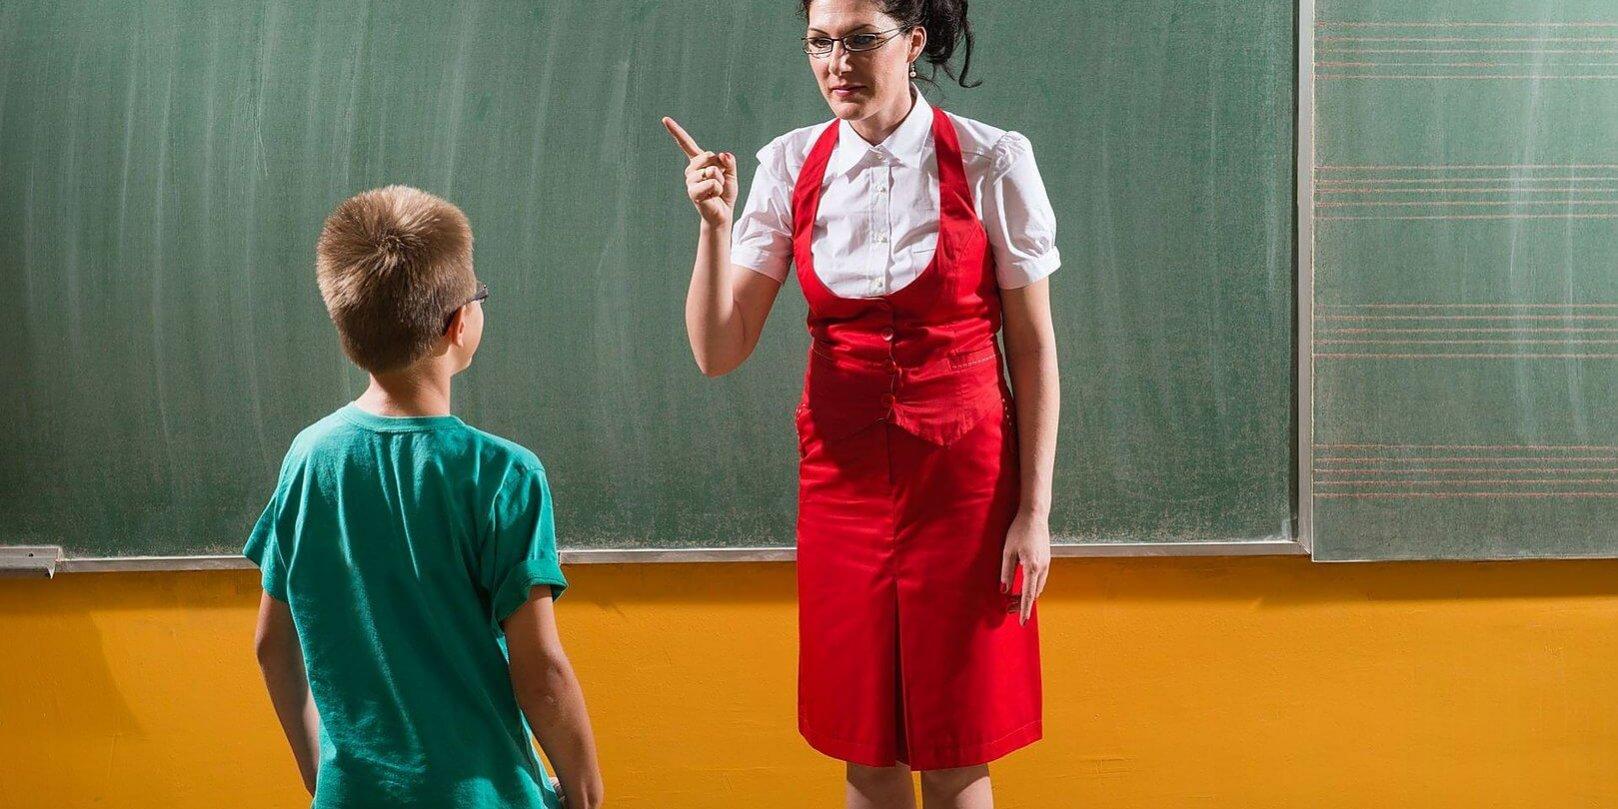 Повільна вакцинація вчителів може спричинити конфлікти між педагогами та батьками — Макаренко